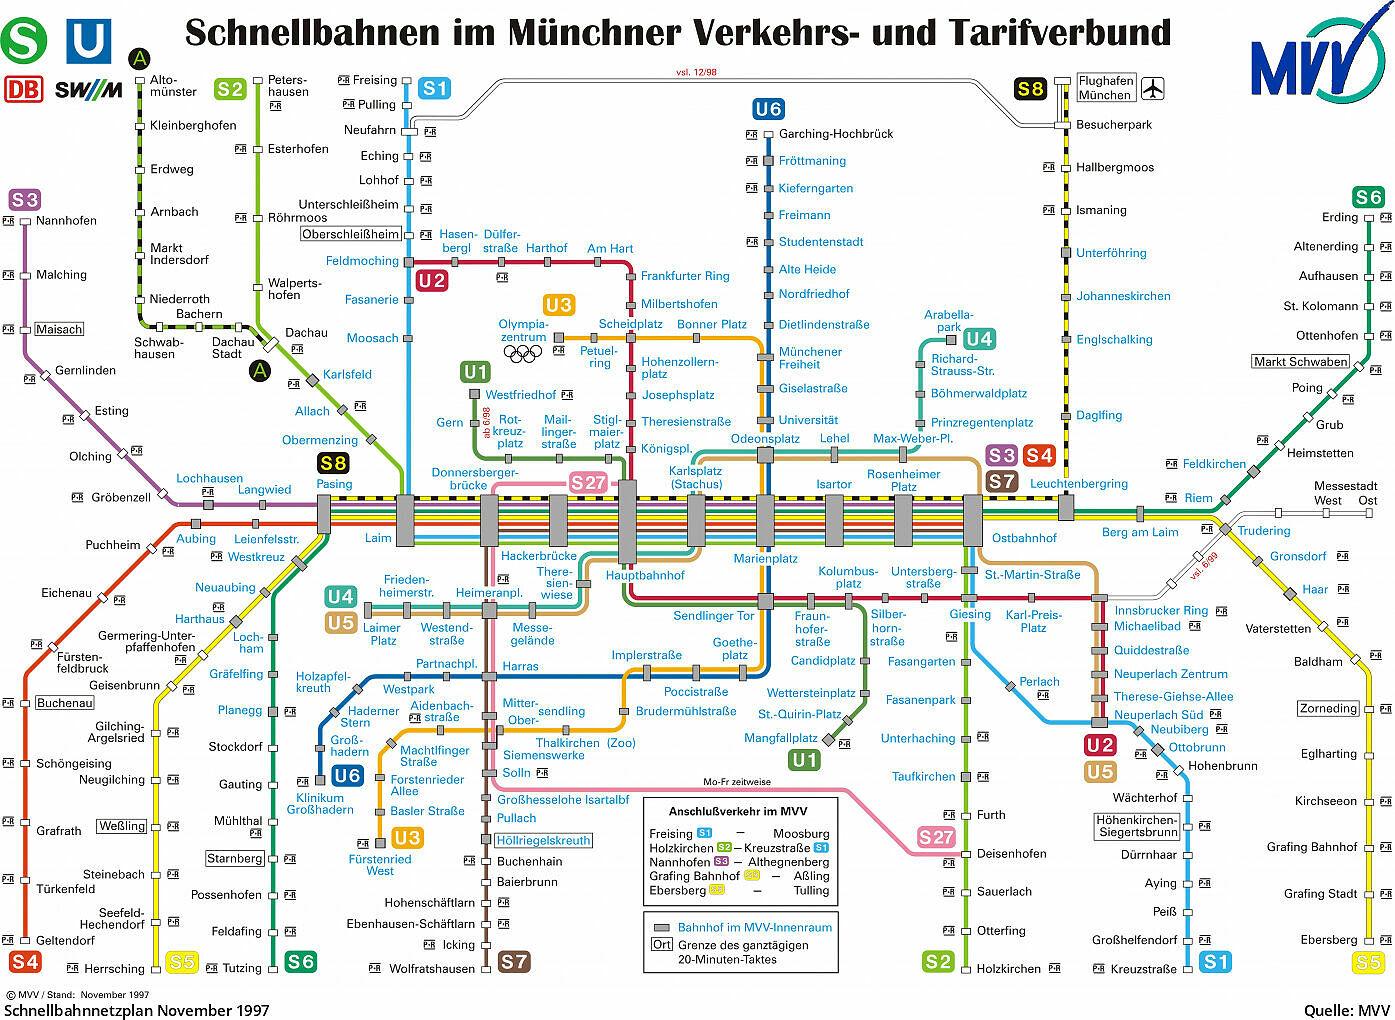 Karte München S Bahn Netz.Pläne Des Mvv Schnellbahnnetzes Von 1972 Bis Heute U Bahn München